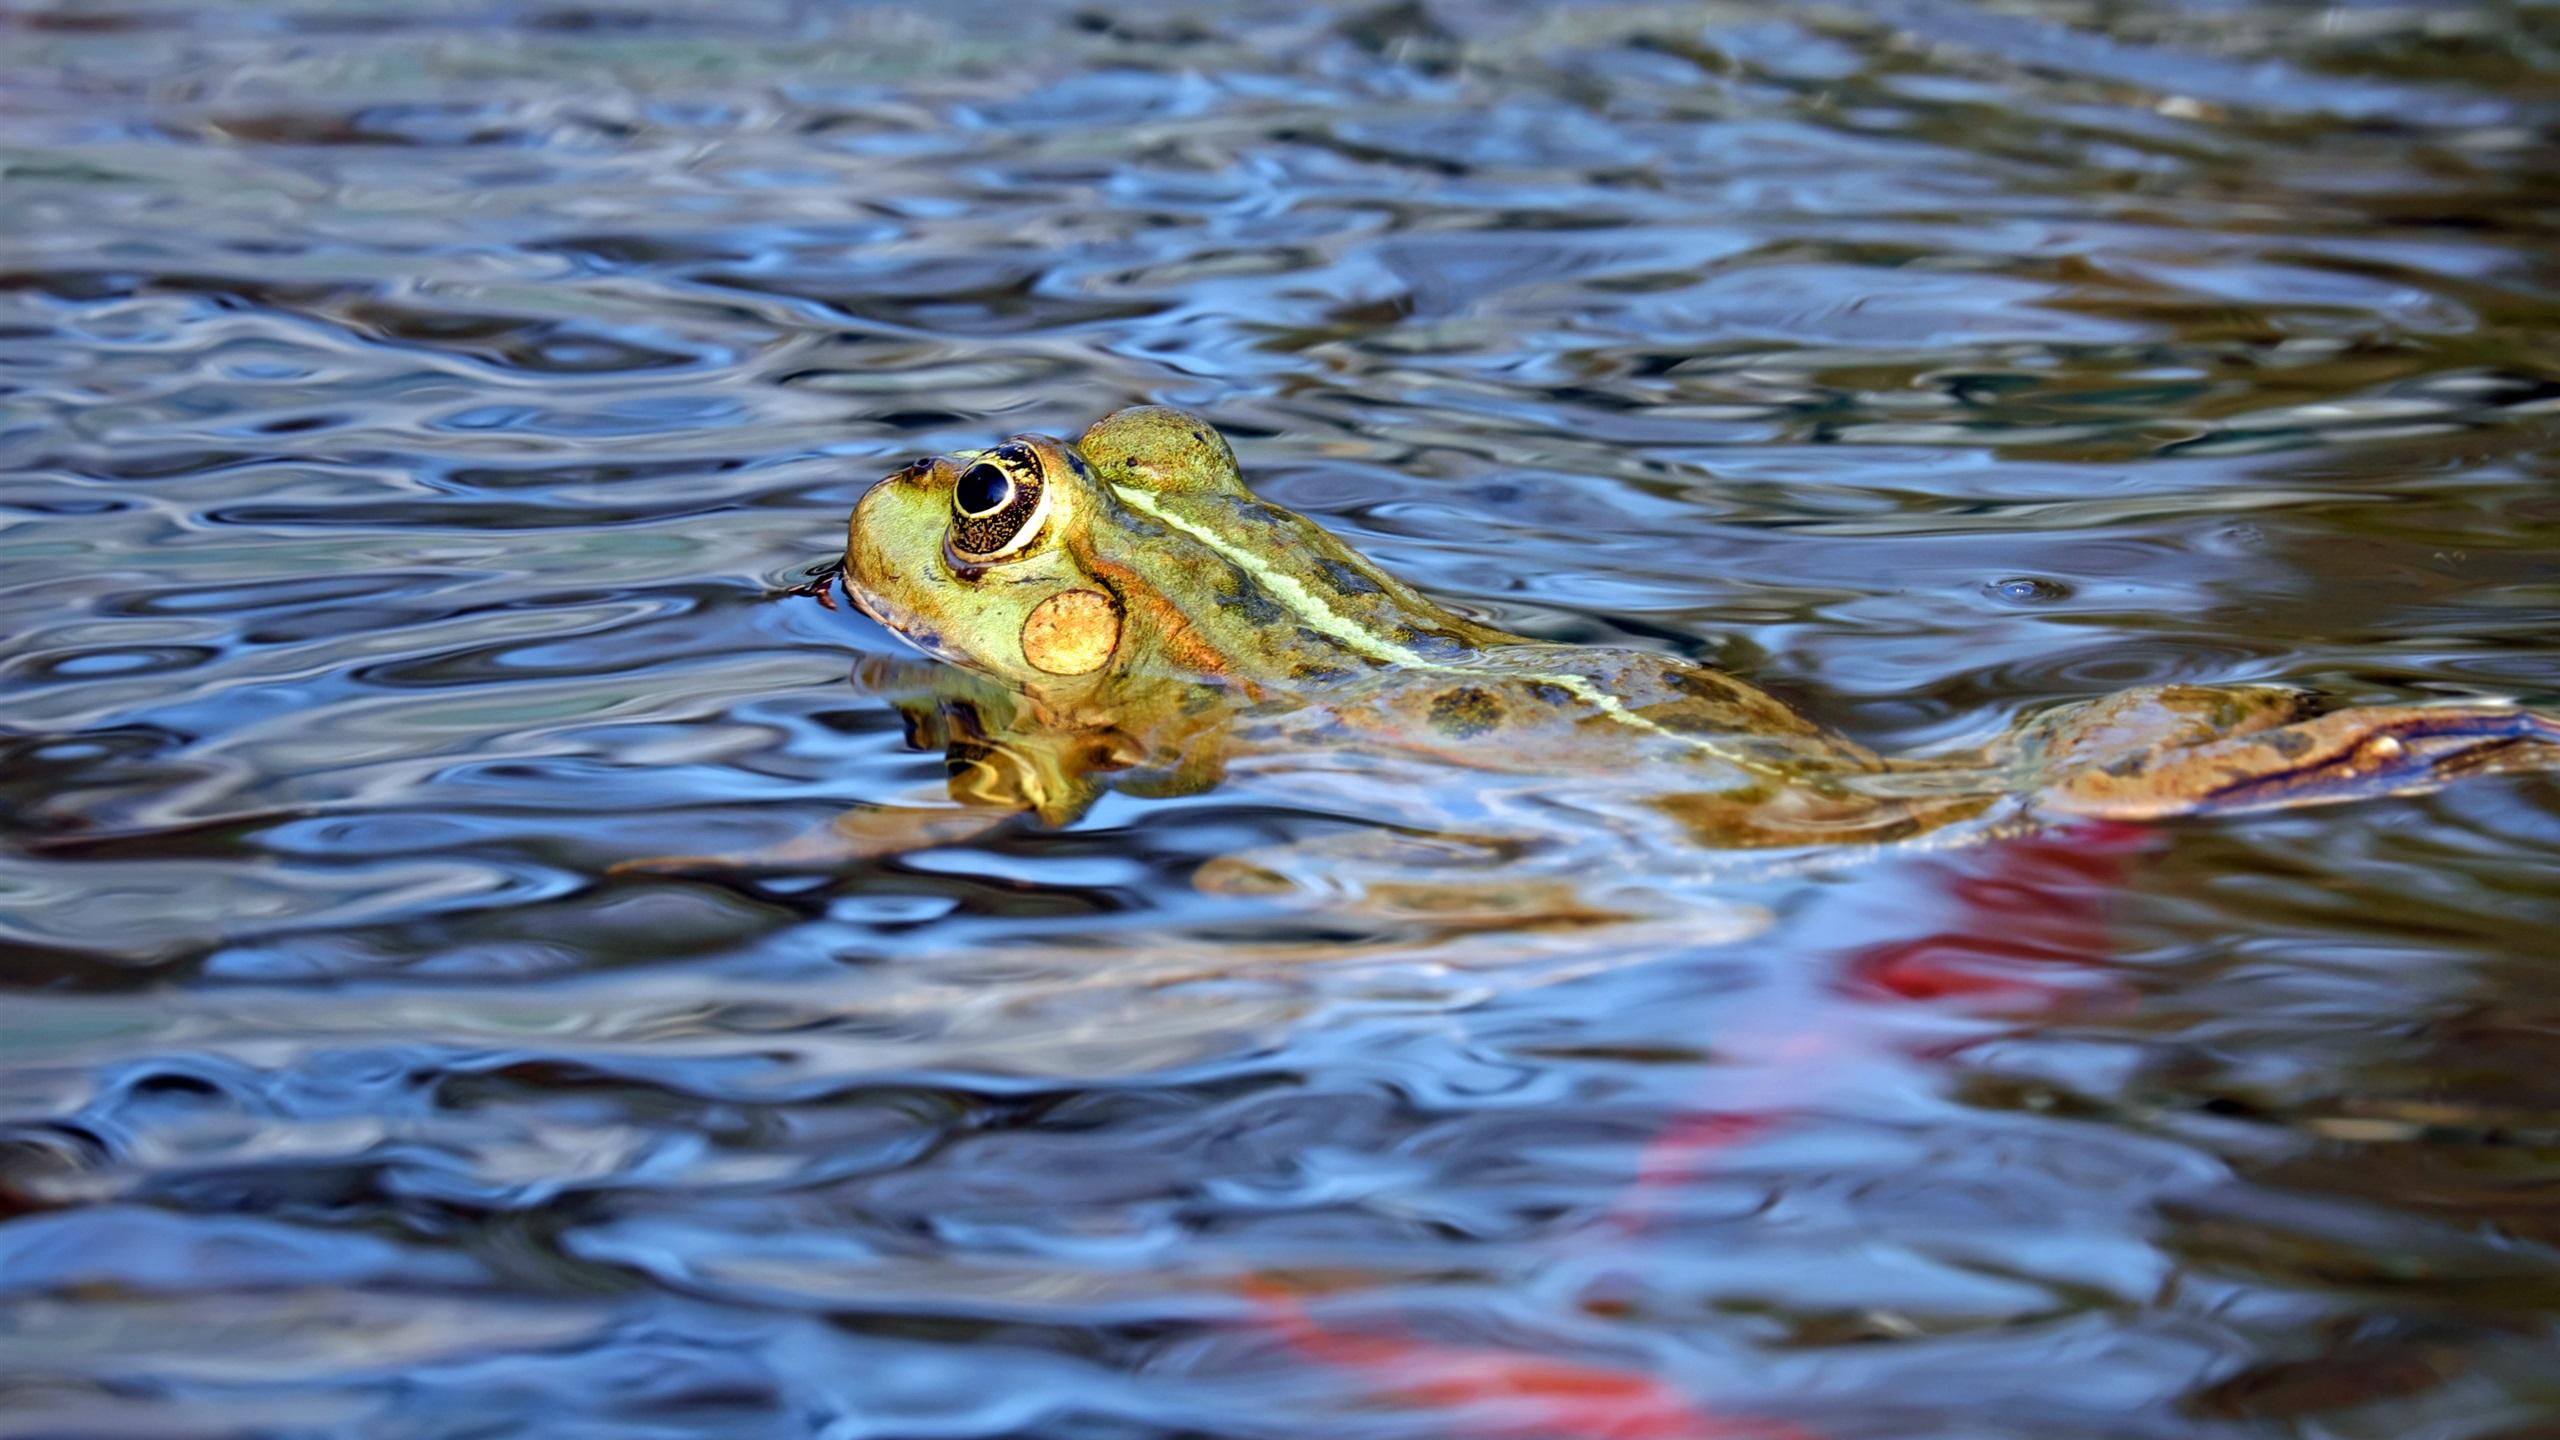 青蛙在水中游泳 壁纸 - 2560x1440 qhd高清图片